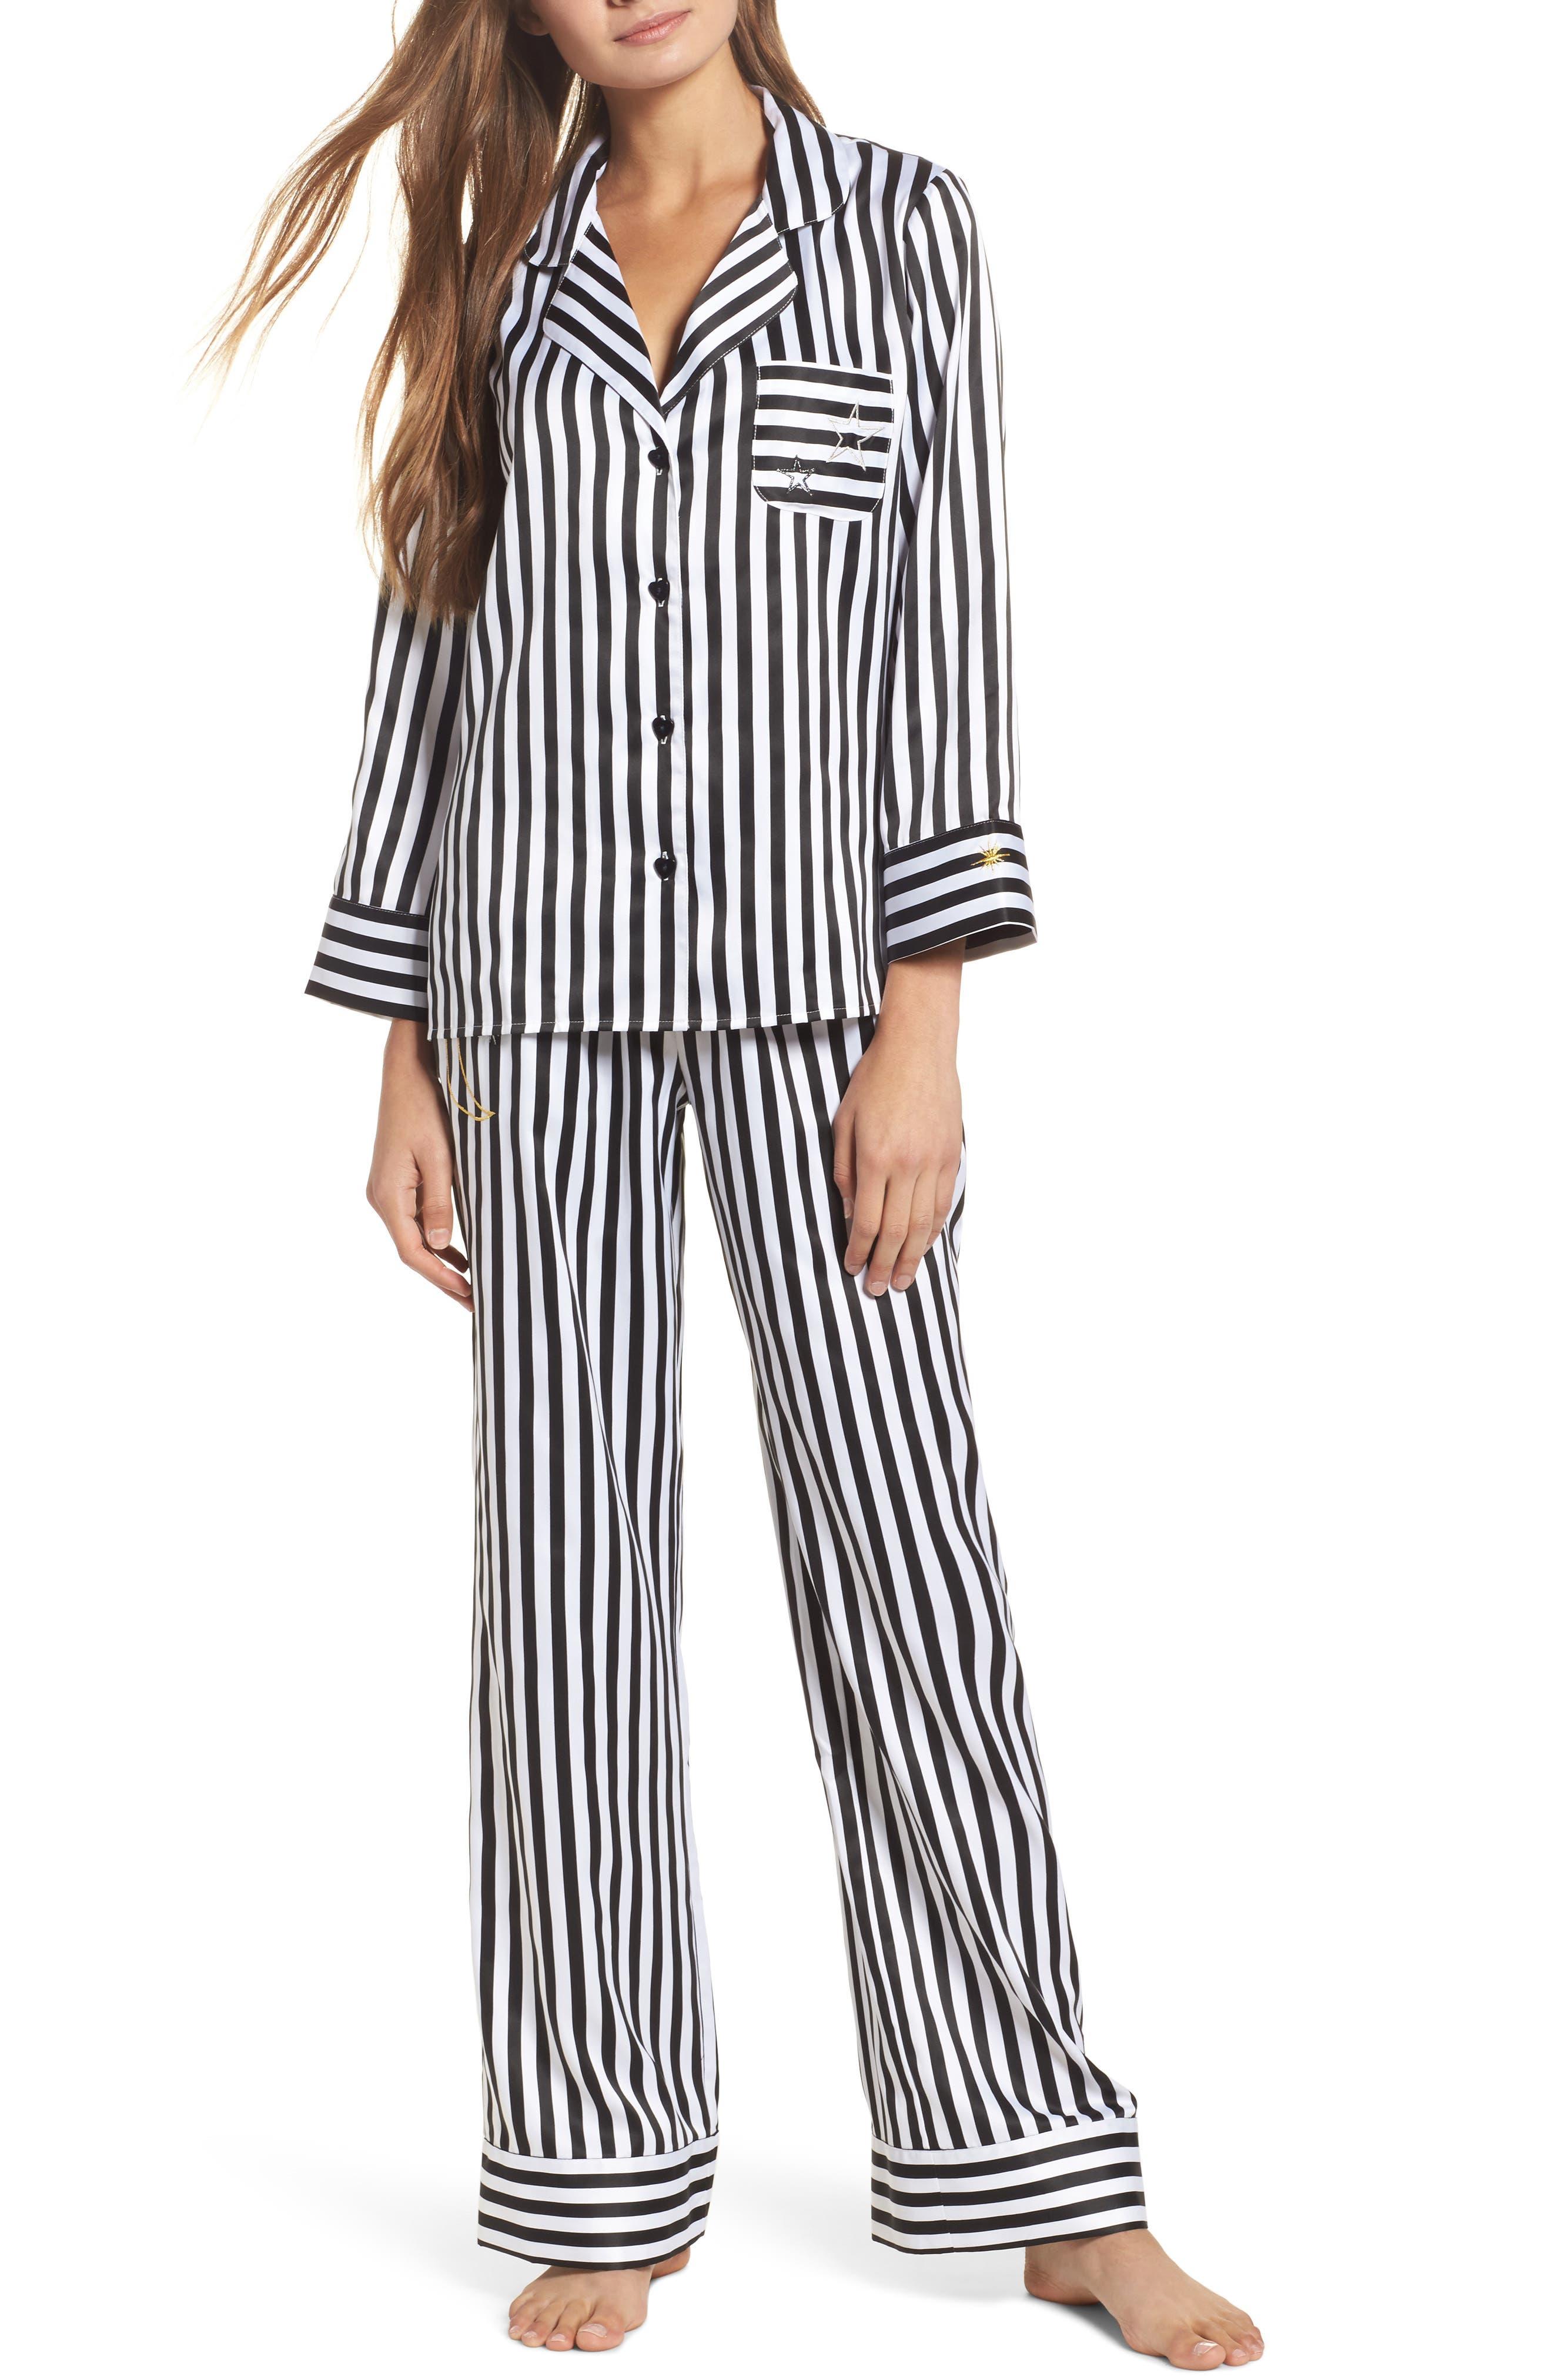 Betsey Johnson Satin Pajamas